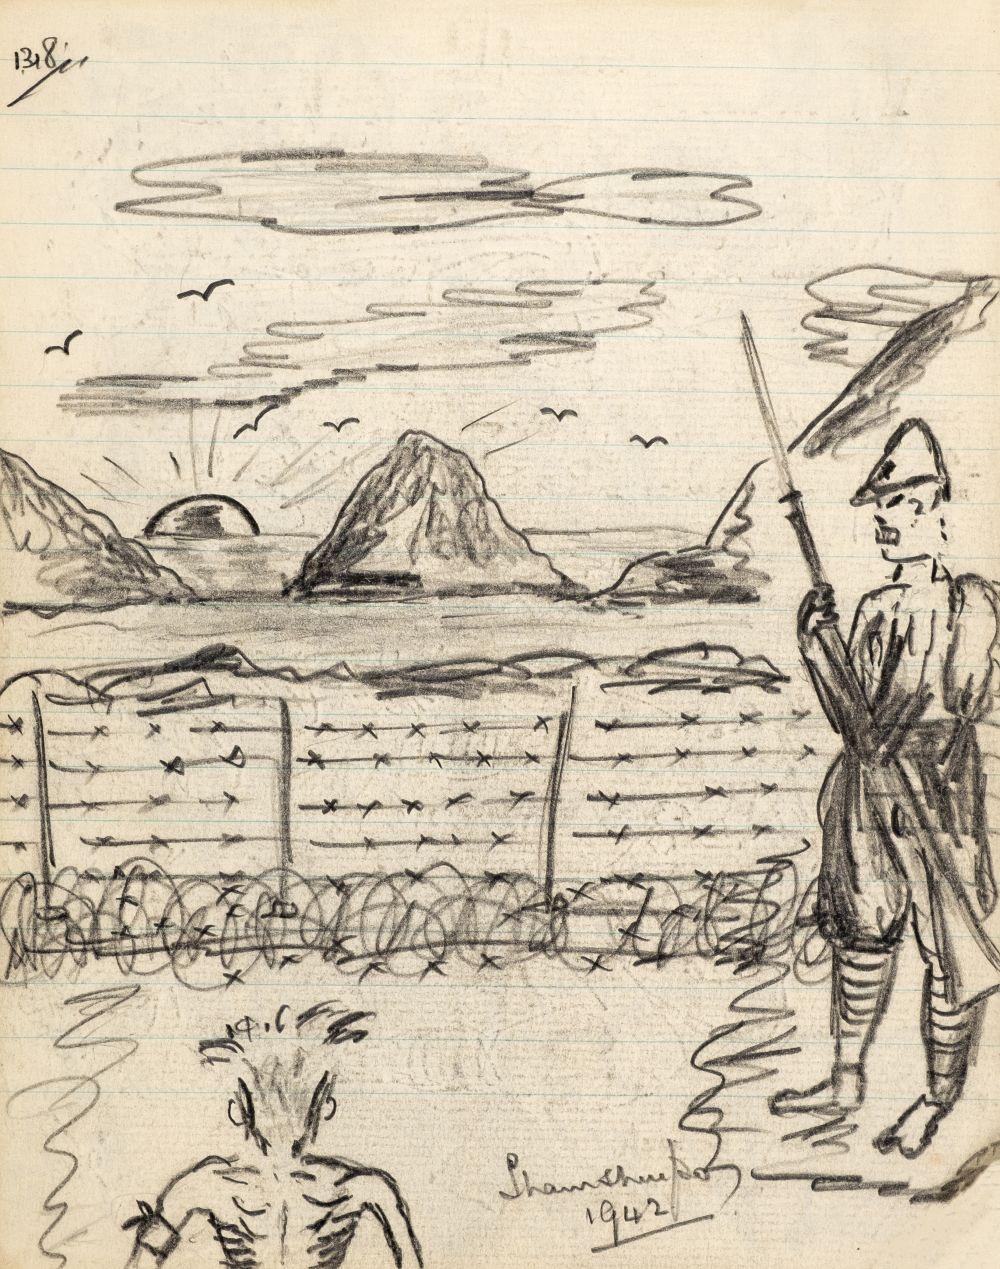 World War II; Pacific Theatre. POW archive, Sham Shui Po, Hong Kong, 1942-5